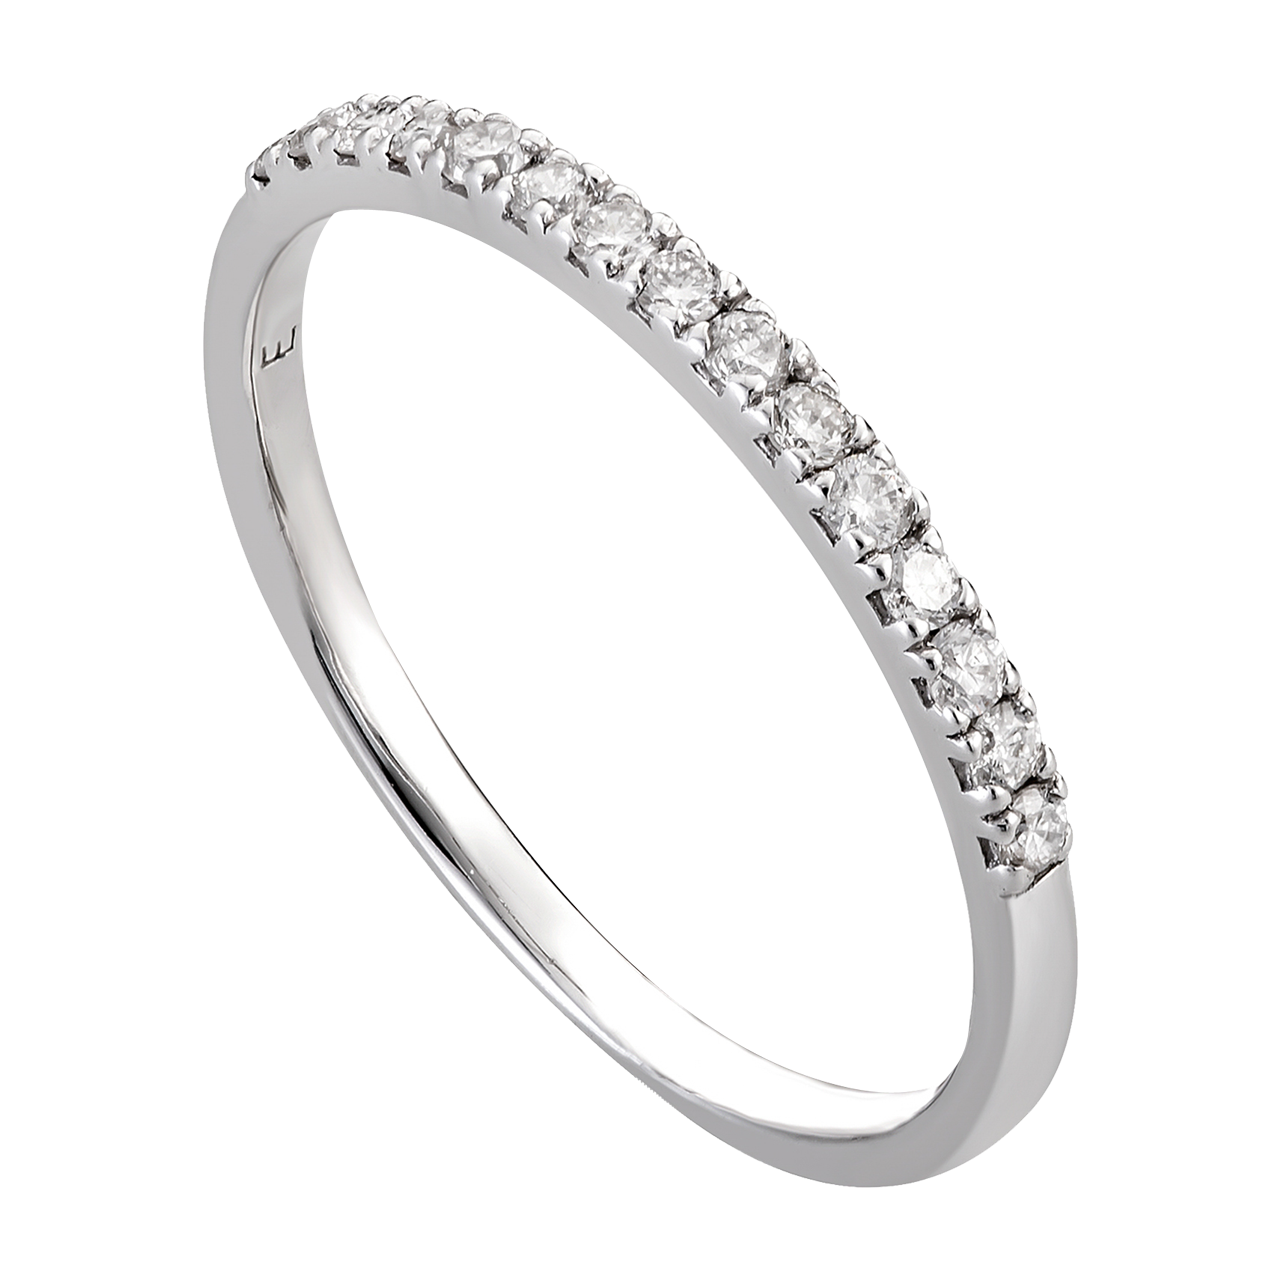 Nhẫn Kim cương Vàng trắng 14K PNJ DD00W000343